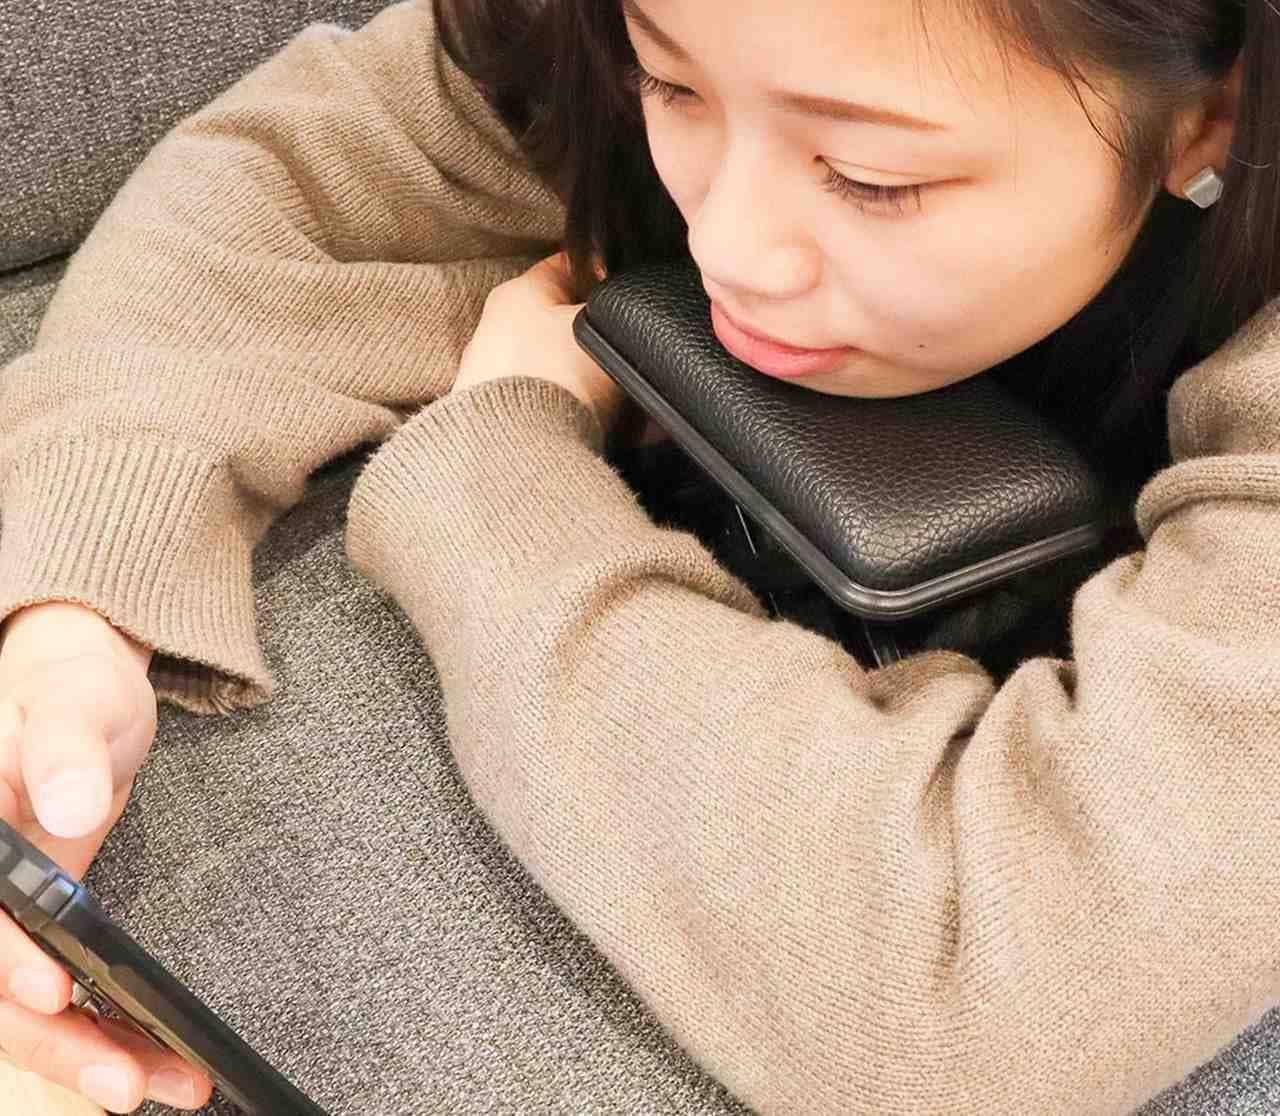 アゴ用の枕「ダラダラピロ~」 スマホ時代の必需品?